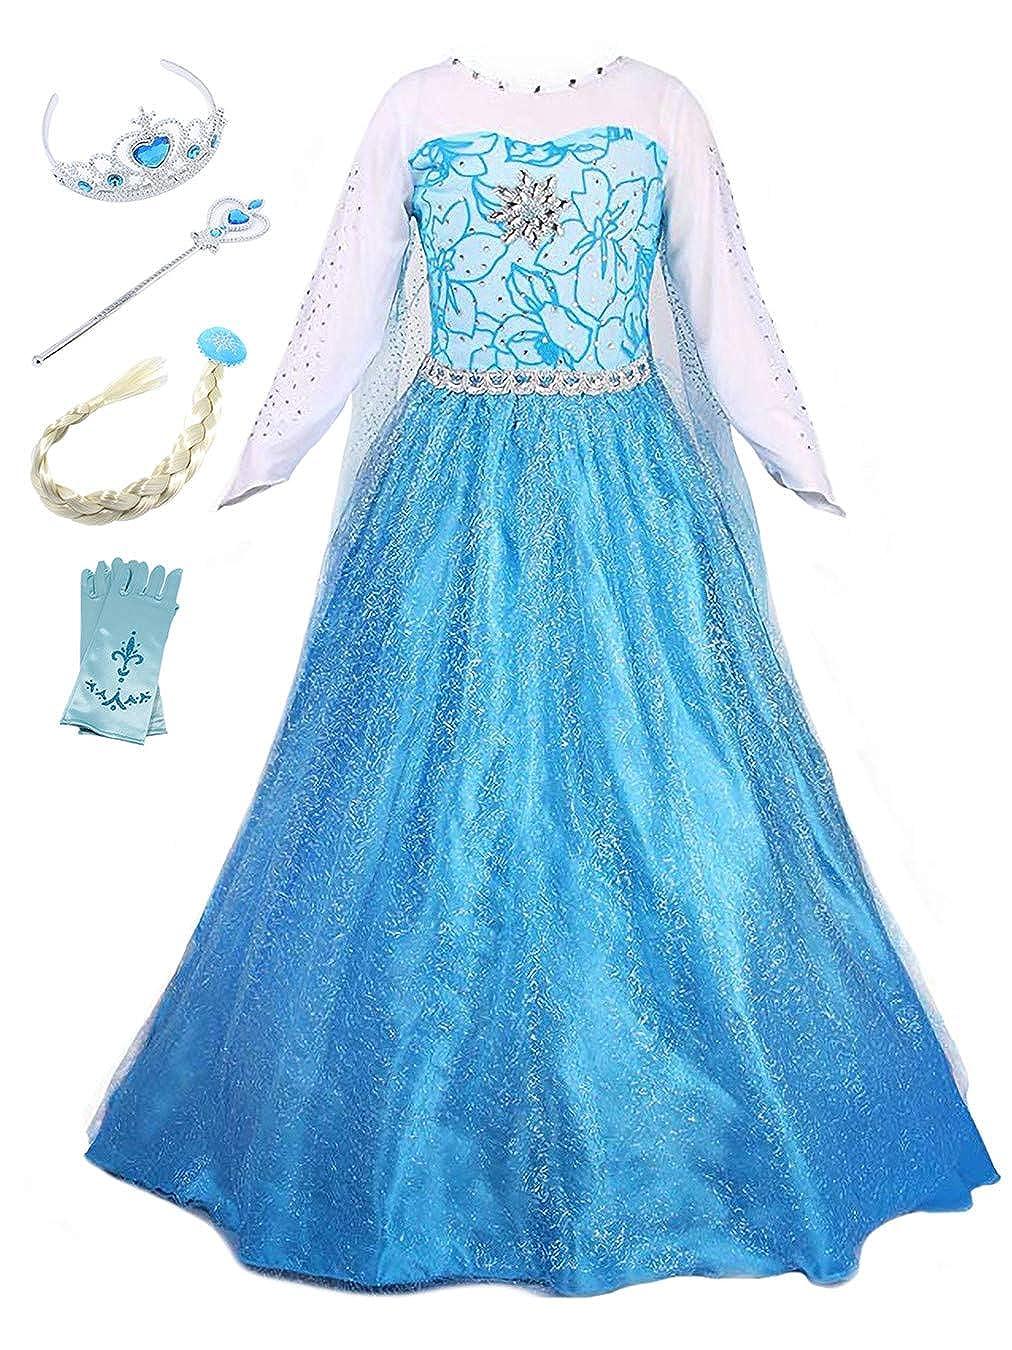 YOSICIL Vestido de Princesa Elsa Niña Reino de Hielo Princesa Cosplay Disfraz Infantil niña Reina Frozen Princesa Disfraz Regalo Cumpleaños Traje de ...